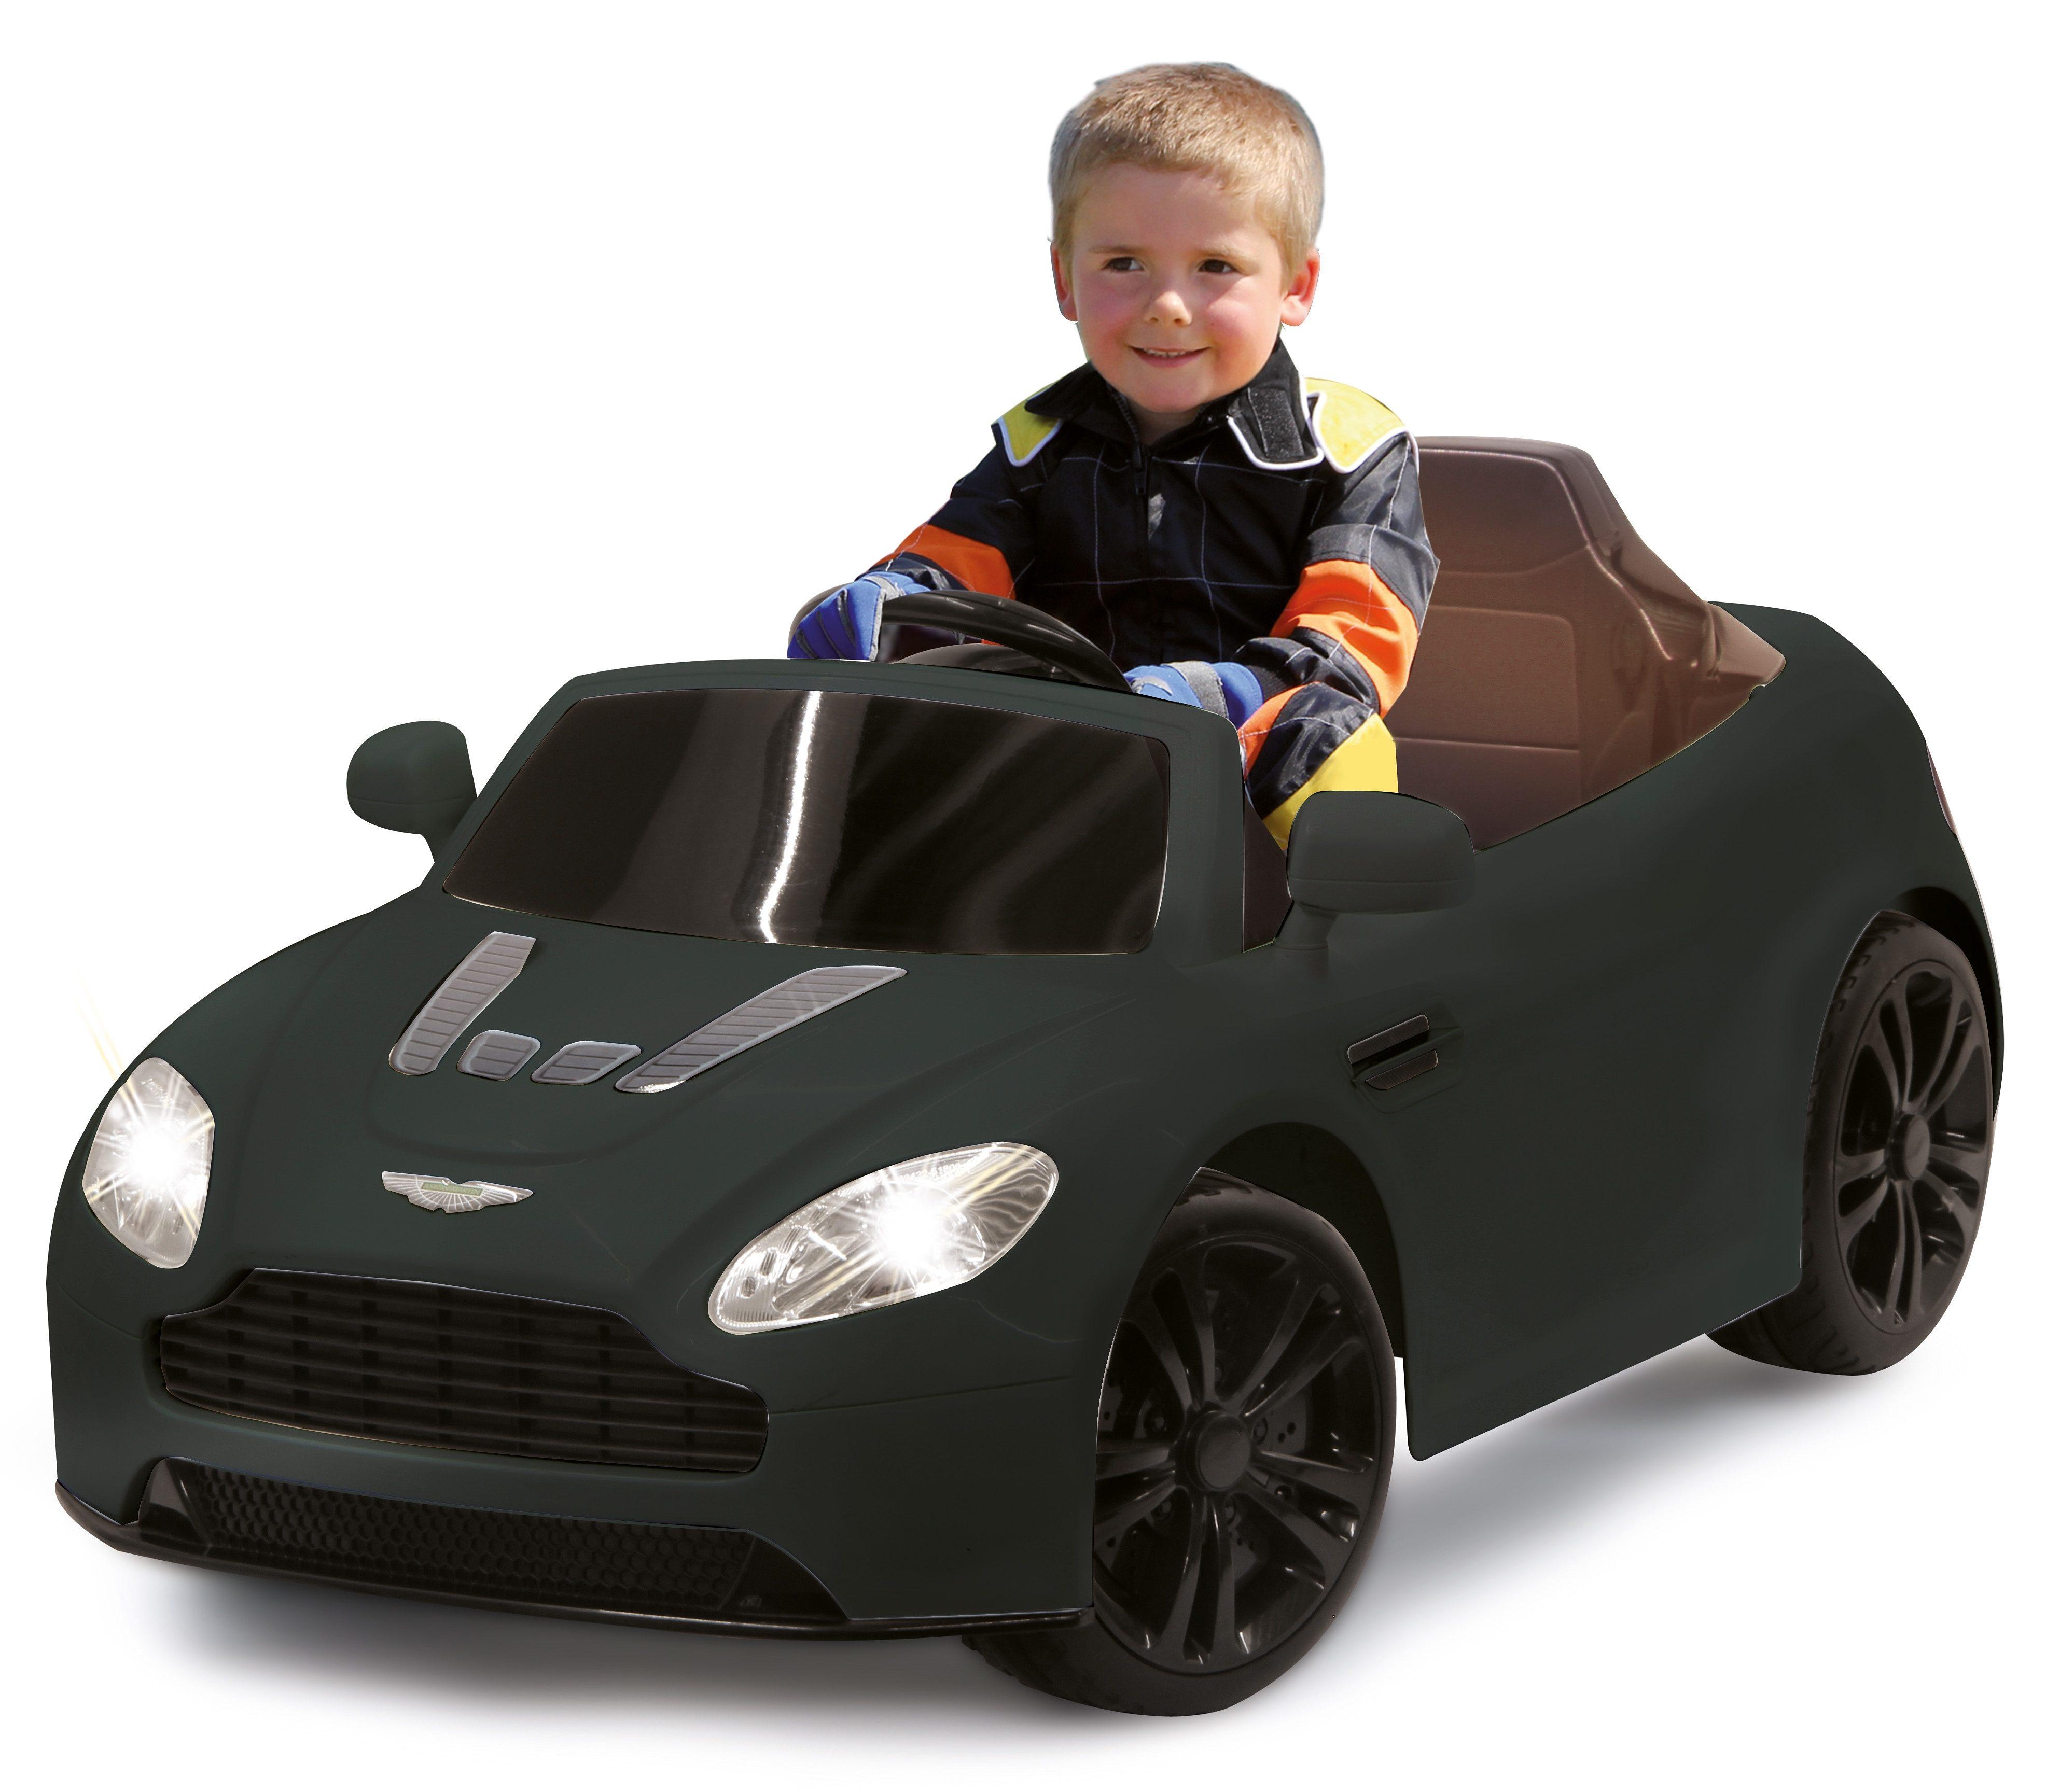 JAMARA Elektrofahrzeug für Kinder, 2,4 GHz, »JAMARA KIDS Ride-On Aston Martin Premium, schwarz«